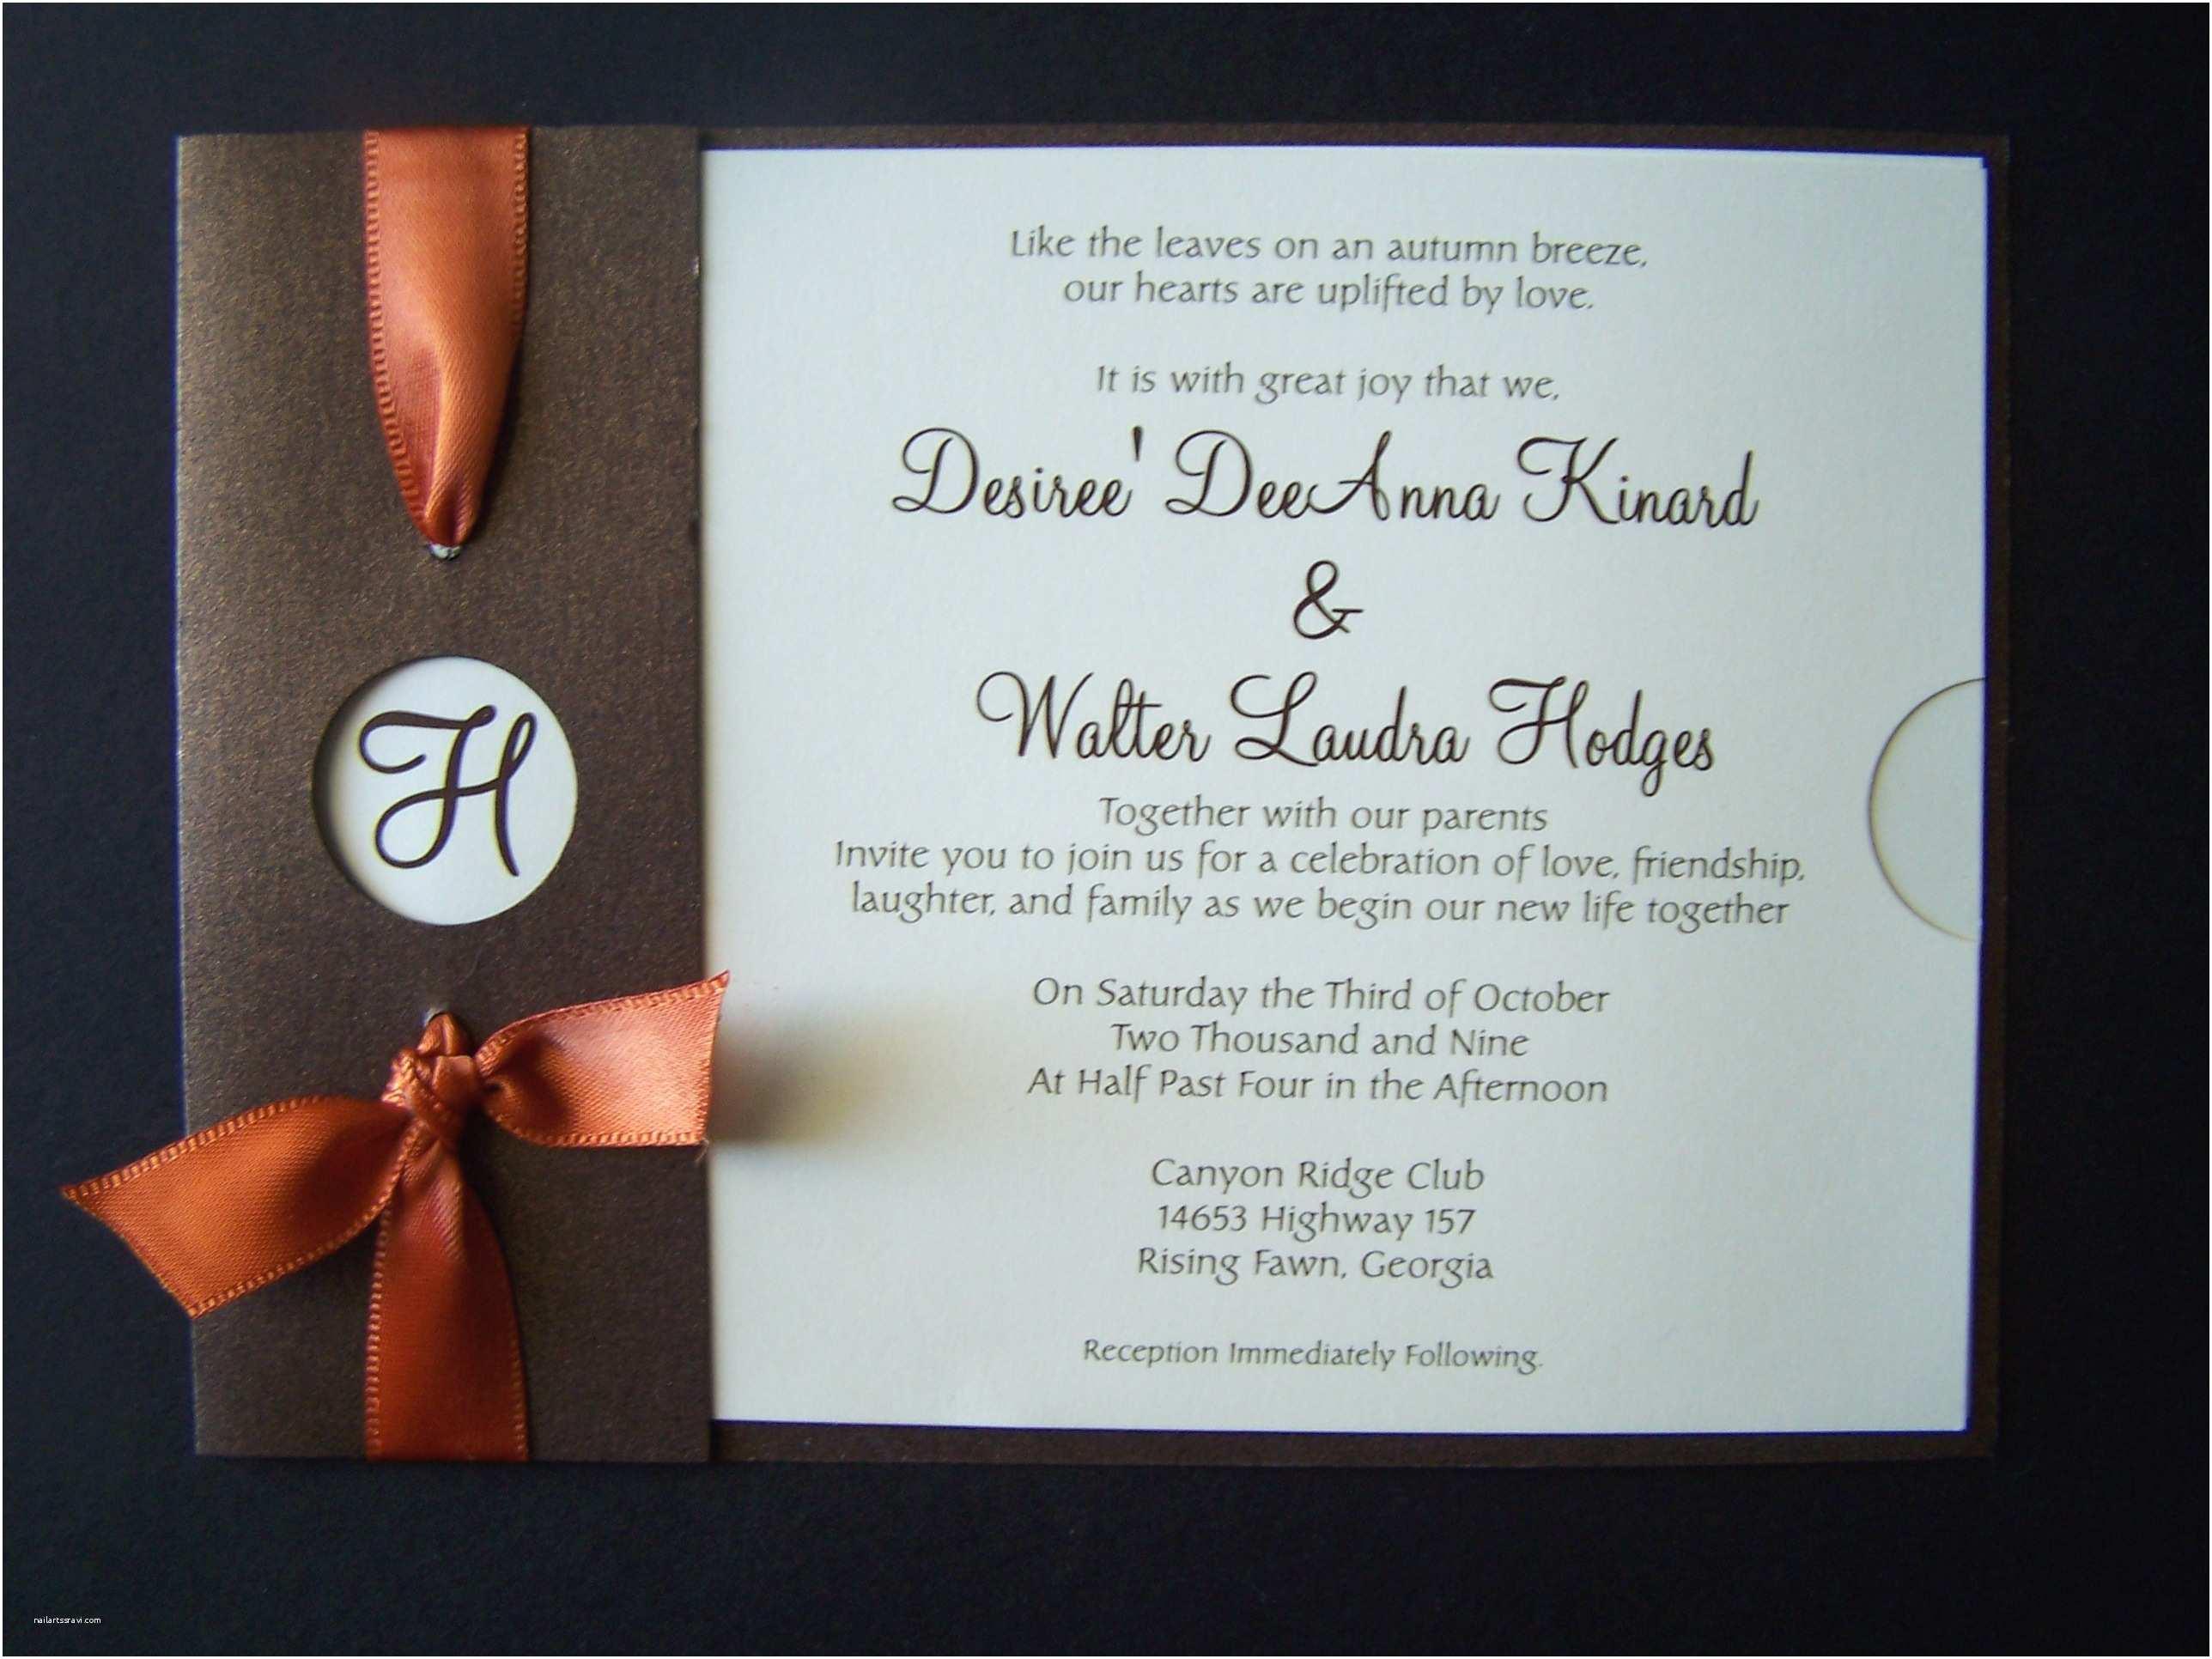 October Wedding Invitations Fall Wedding Invitations Ideas Wedding Invitations for